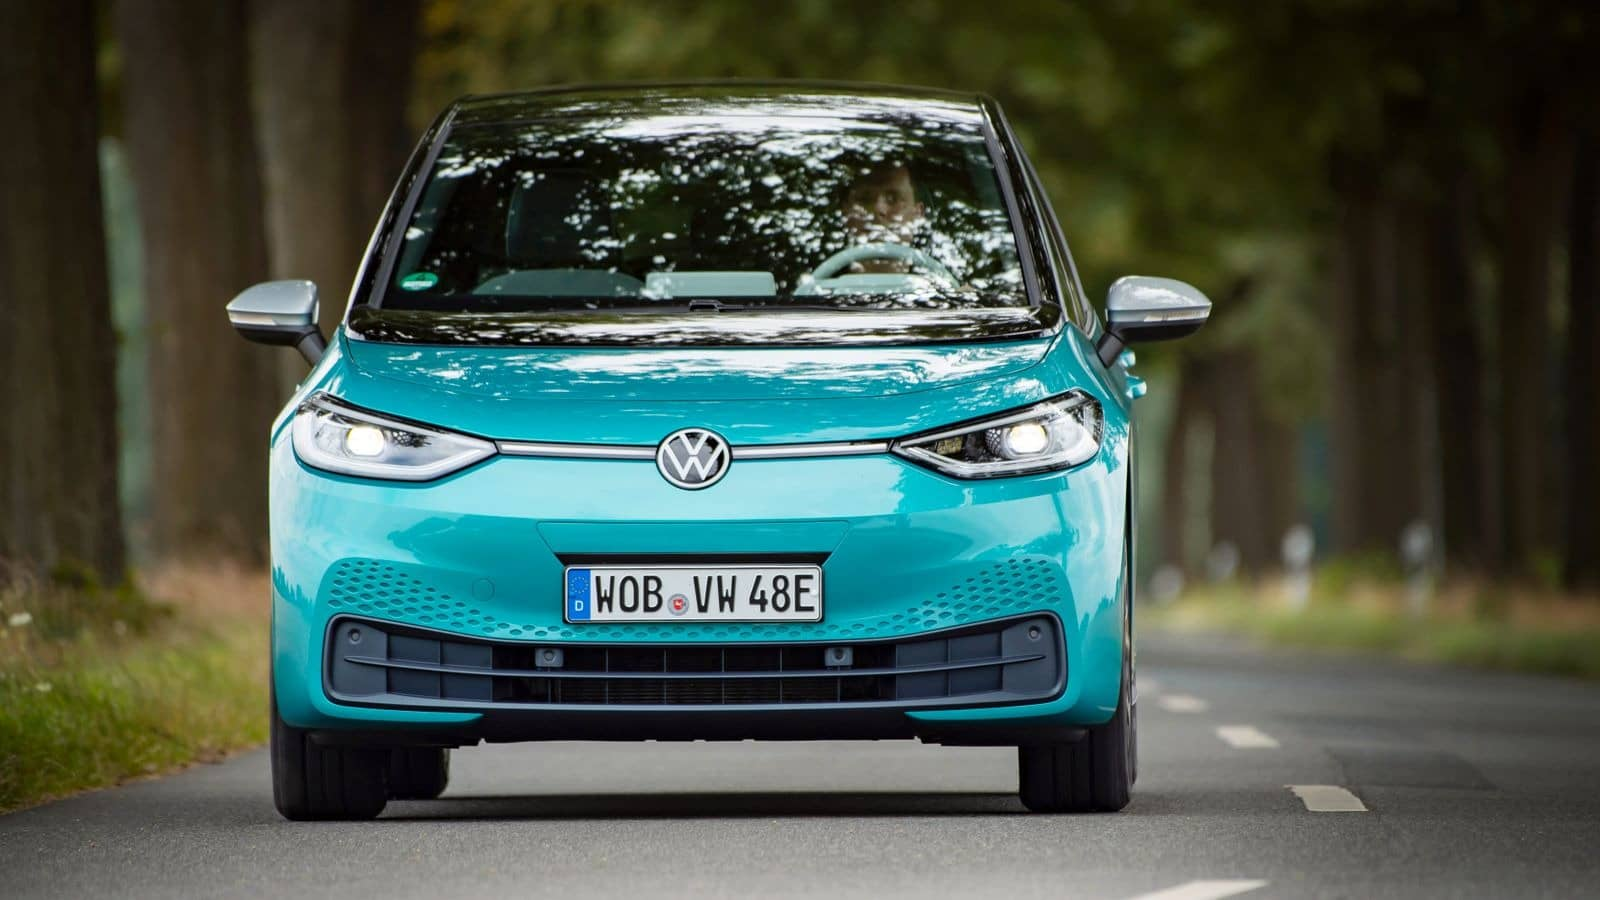 Automotive design, Mid-size car, Land vehicle